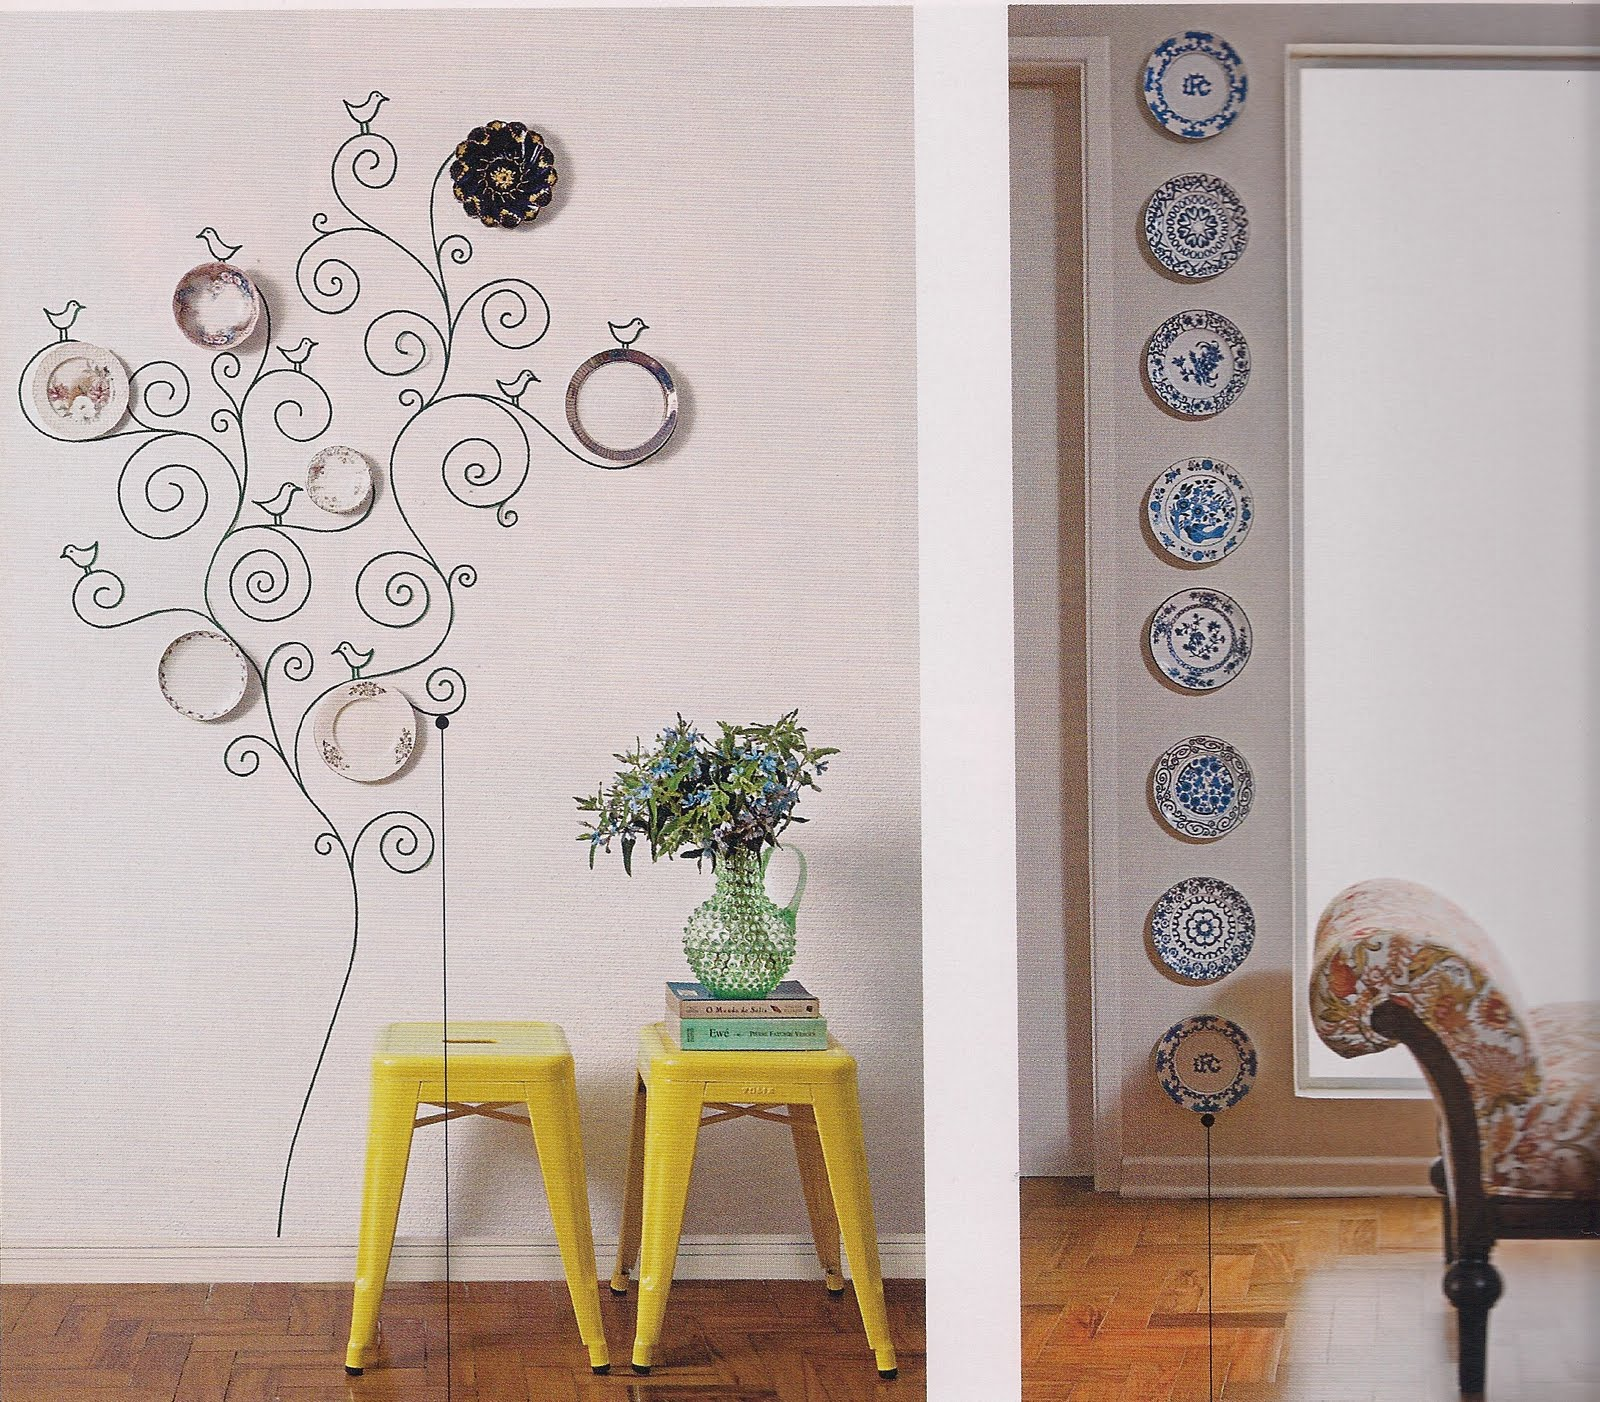 Brech charisma antiguidades - Frisos decorativos para paredes ...